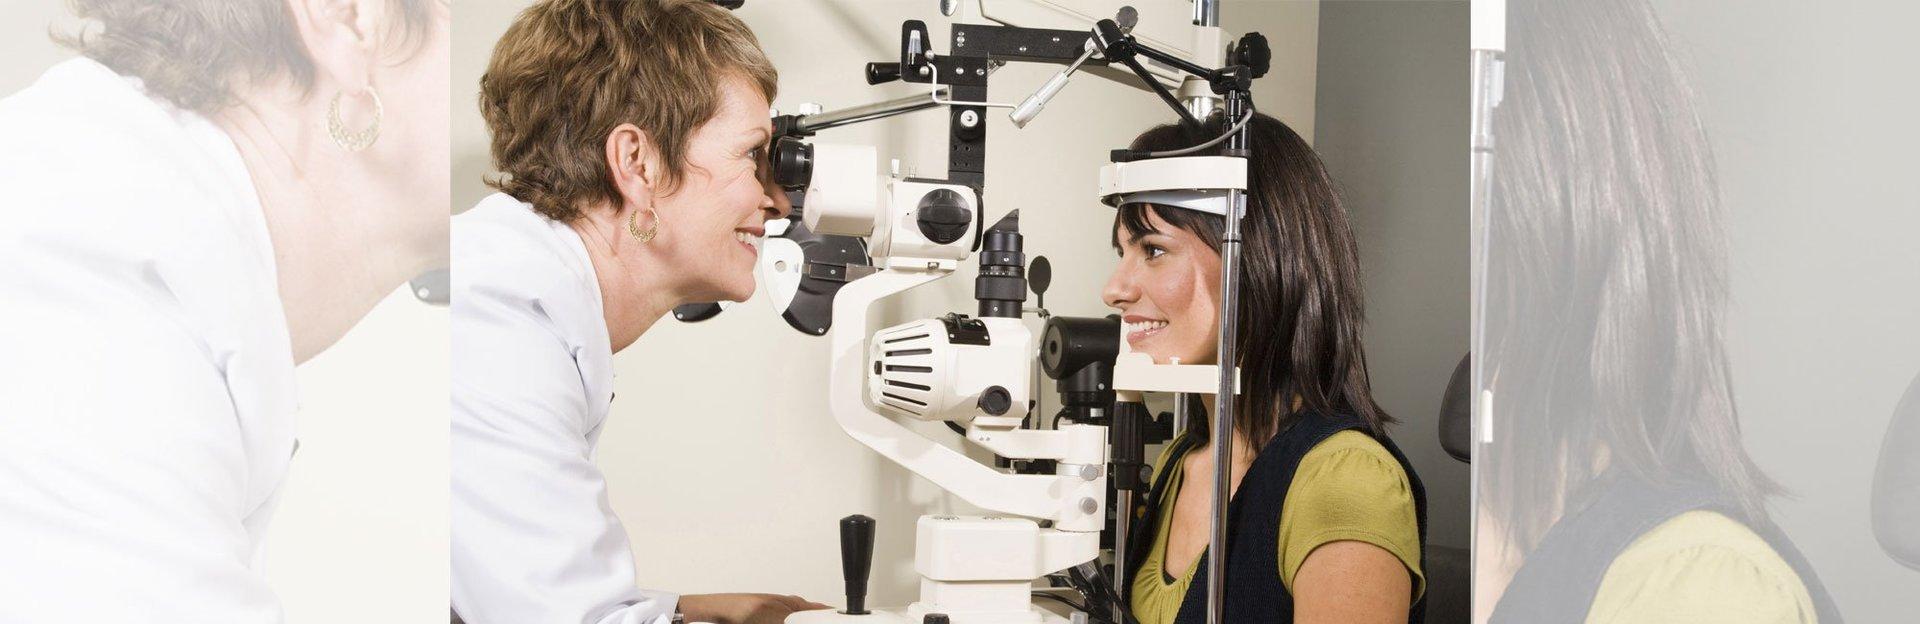 20 20 Vision Optical Lab Kokomo In